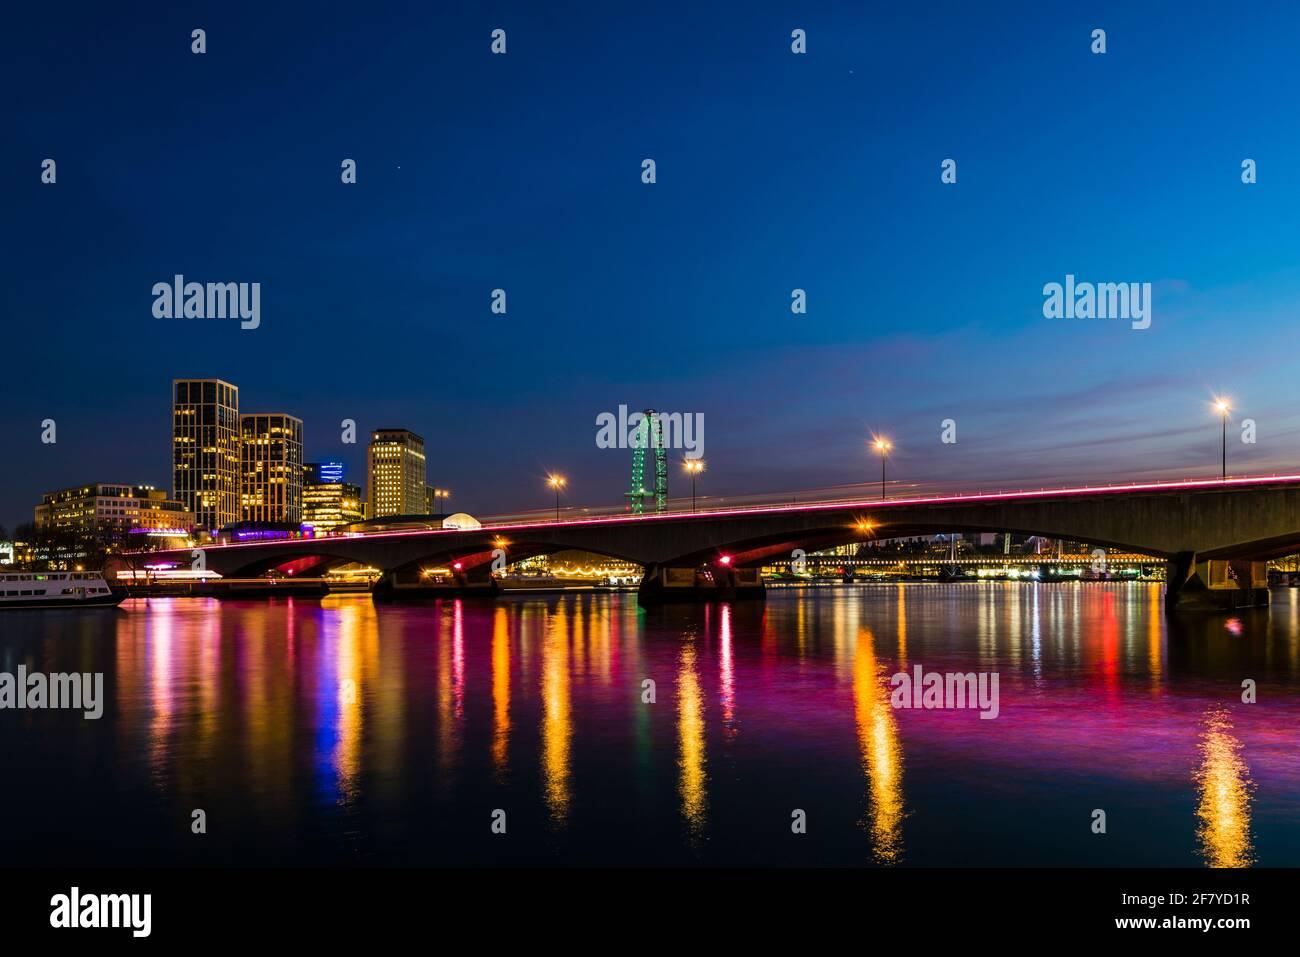 Blick am frühen Abend auf die Lichter der Waterloo Bridge über der Themse, London, Großbritannien Stockfoto